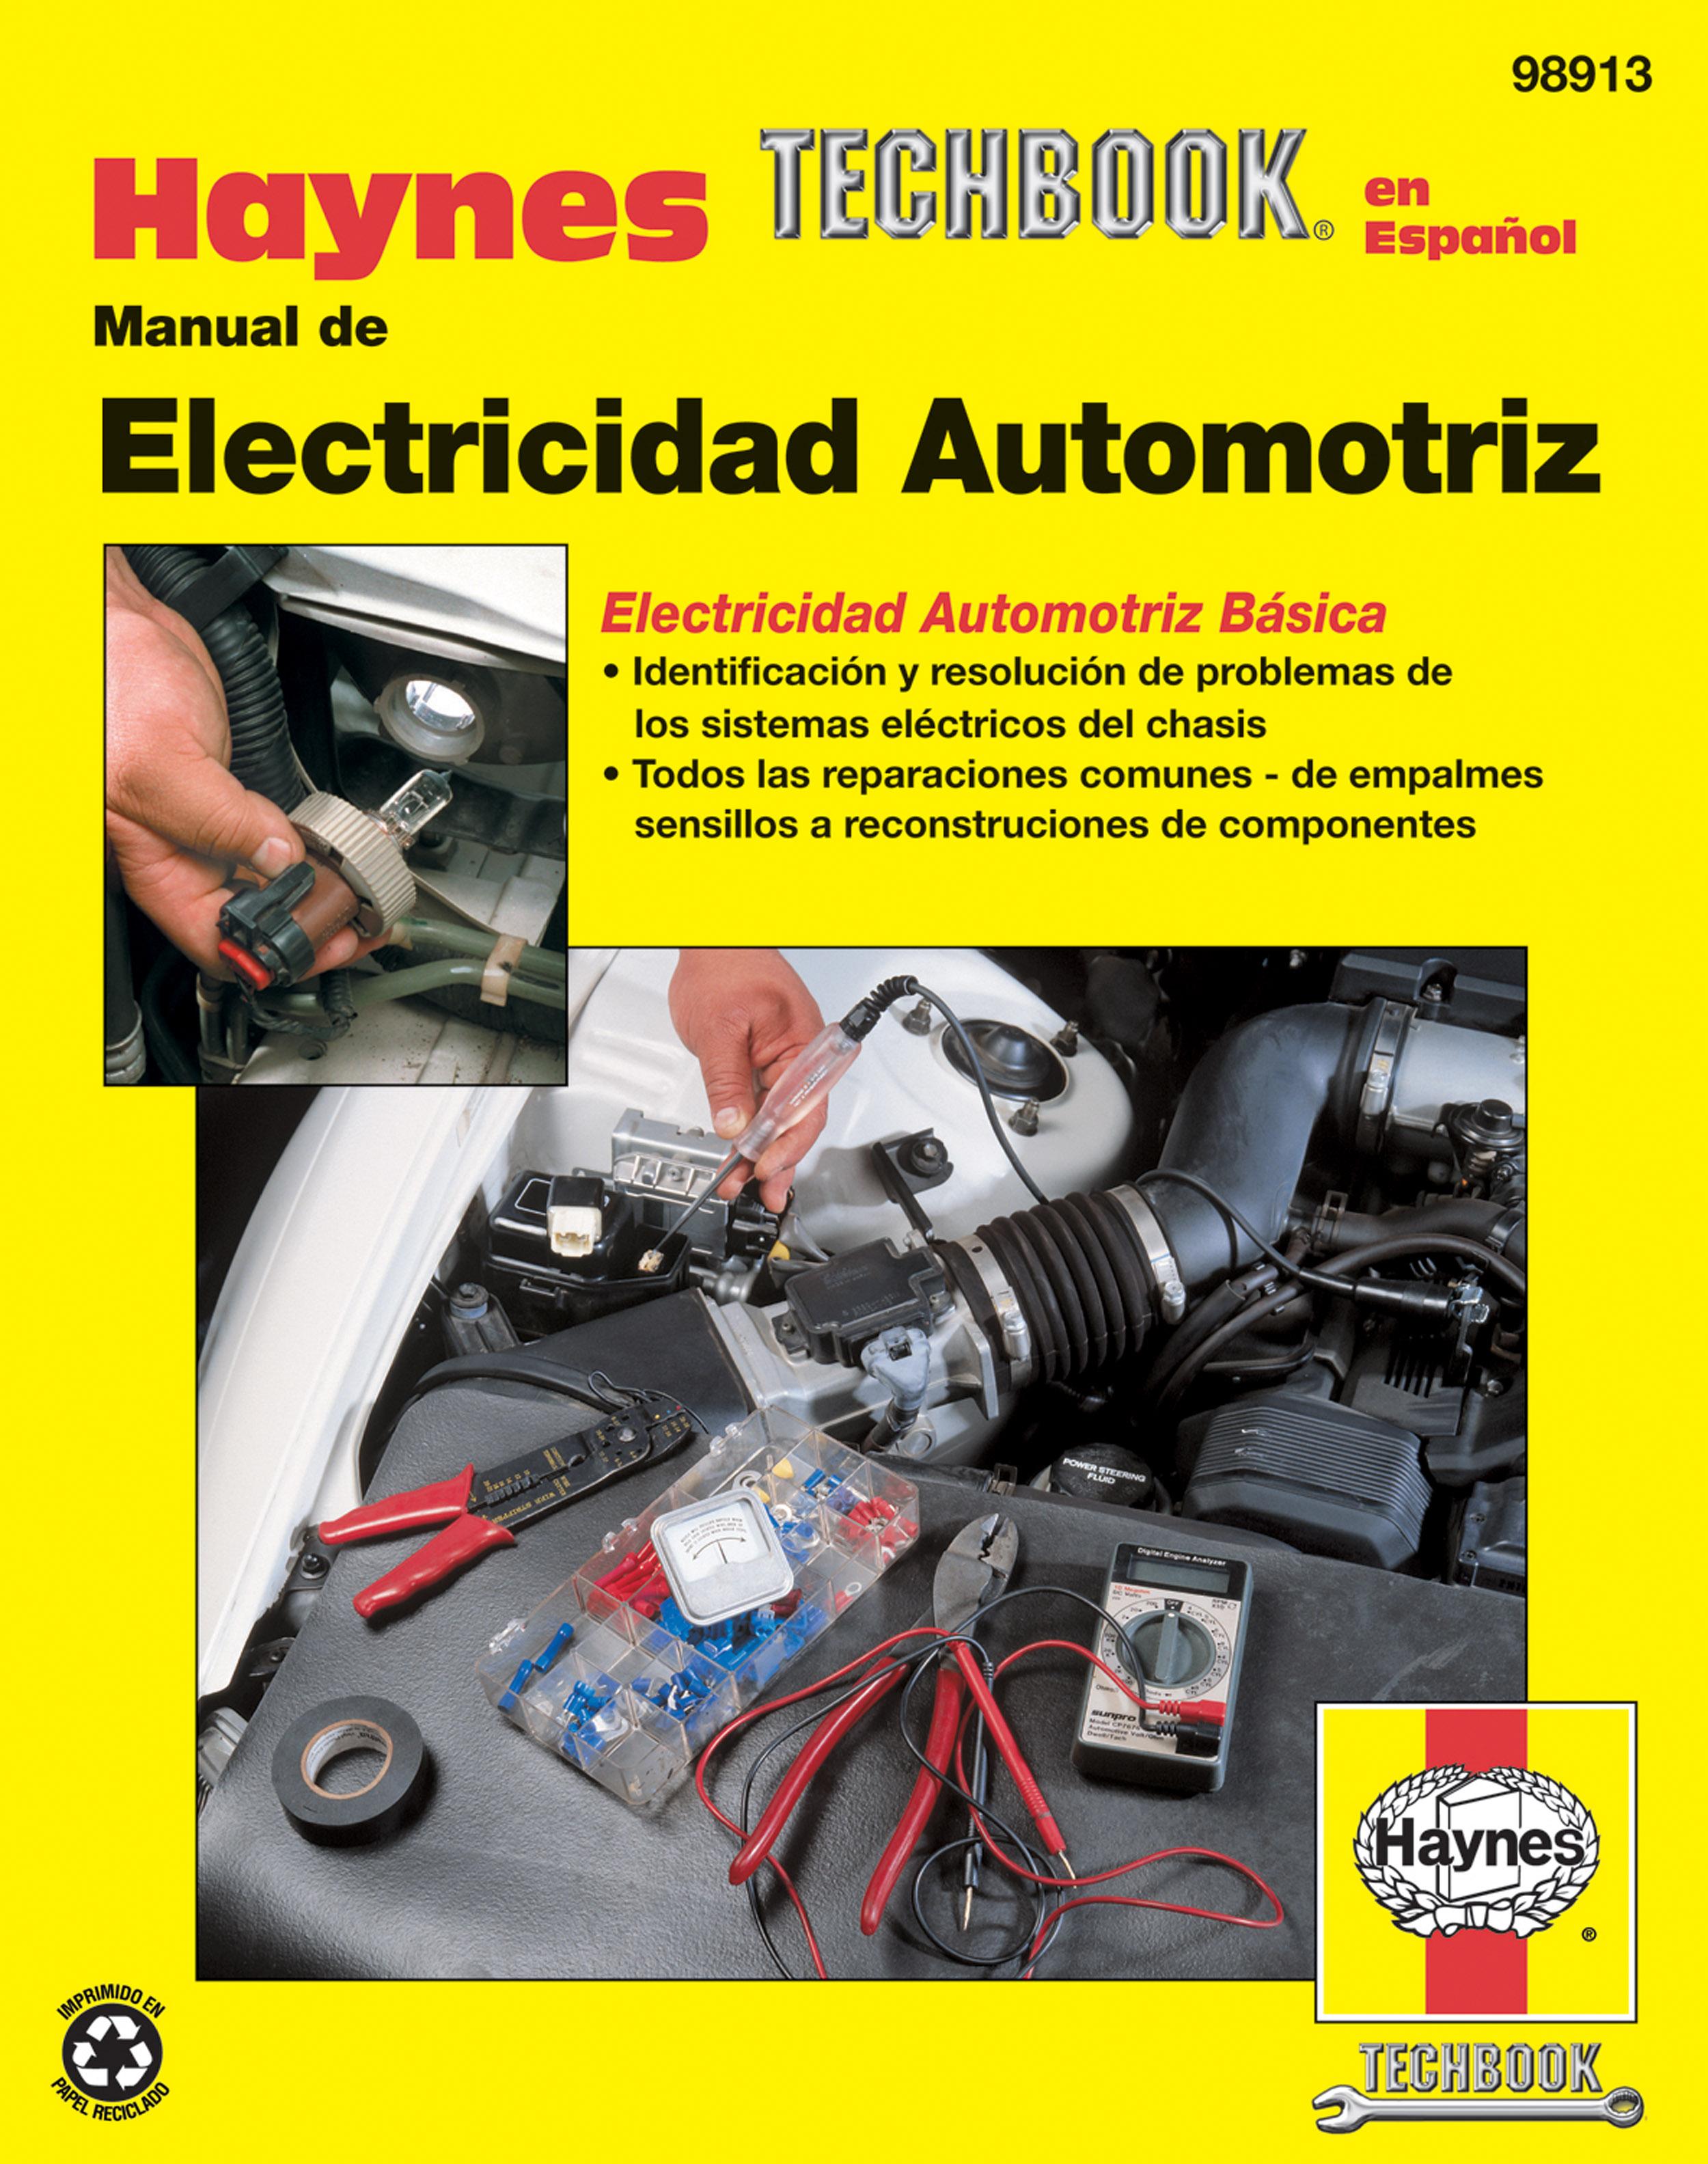 Manual de Electricidad Automotriz Haynes Techbook (edición española)